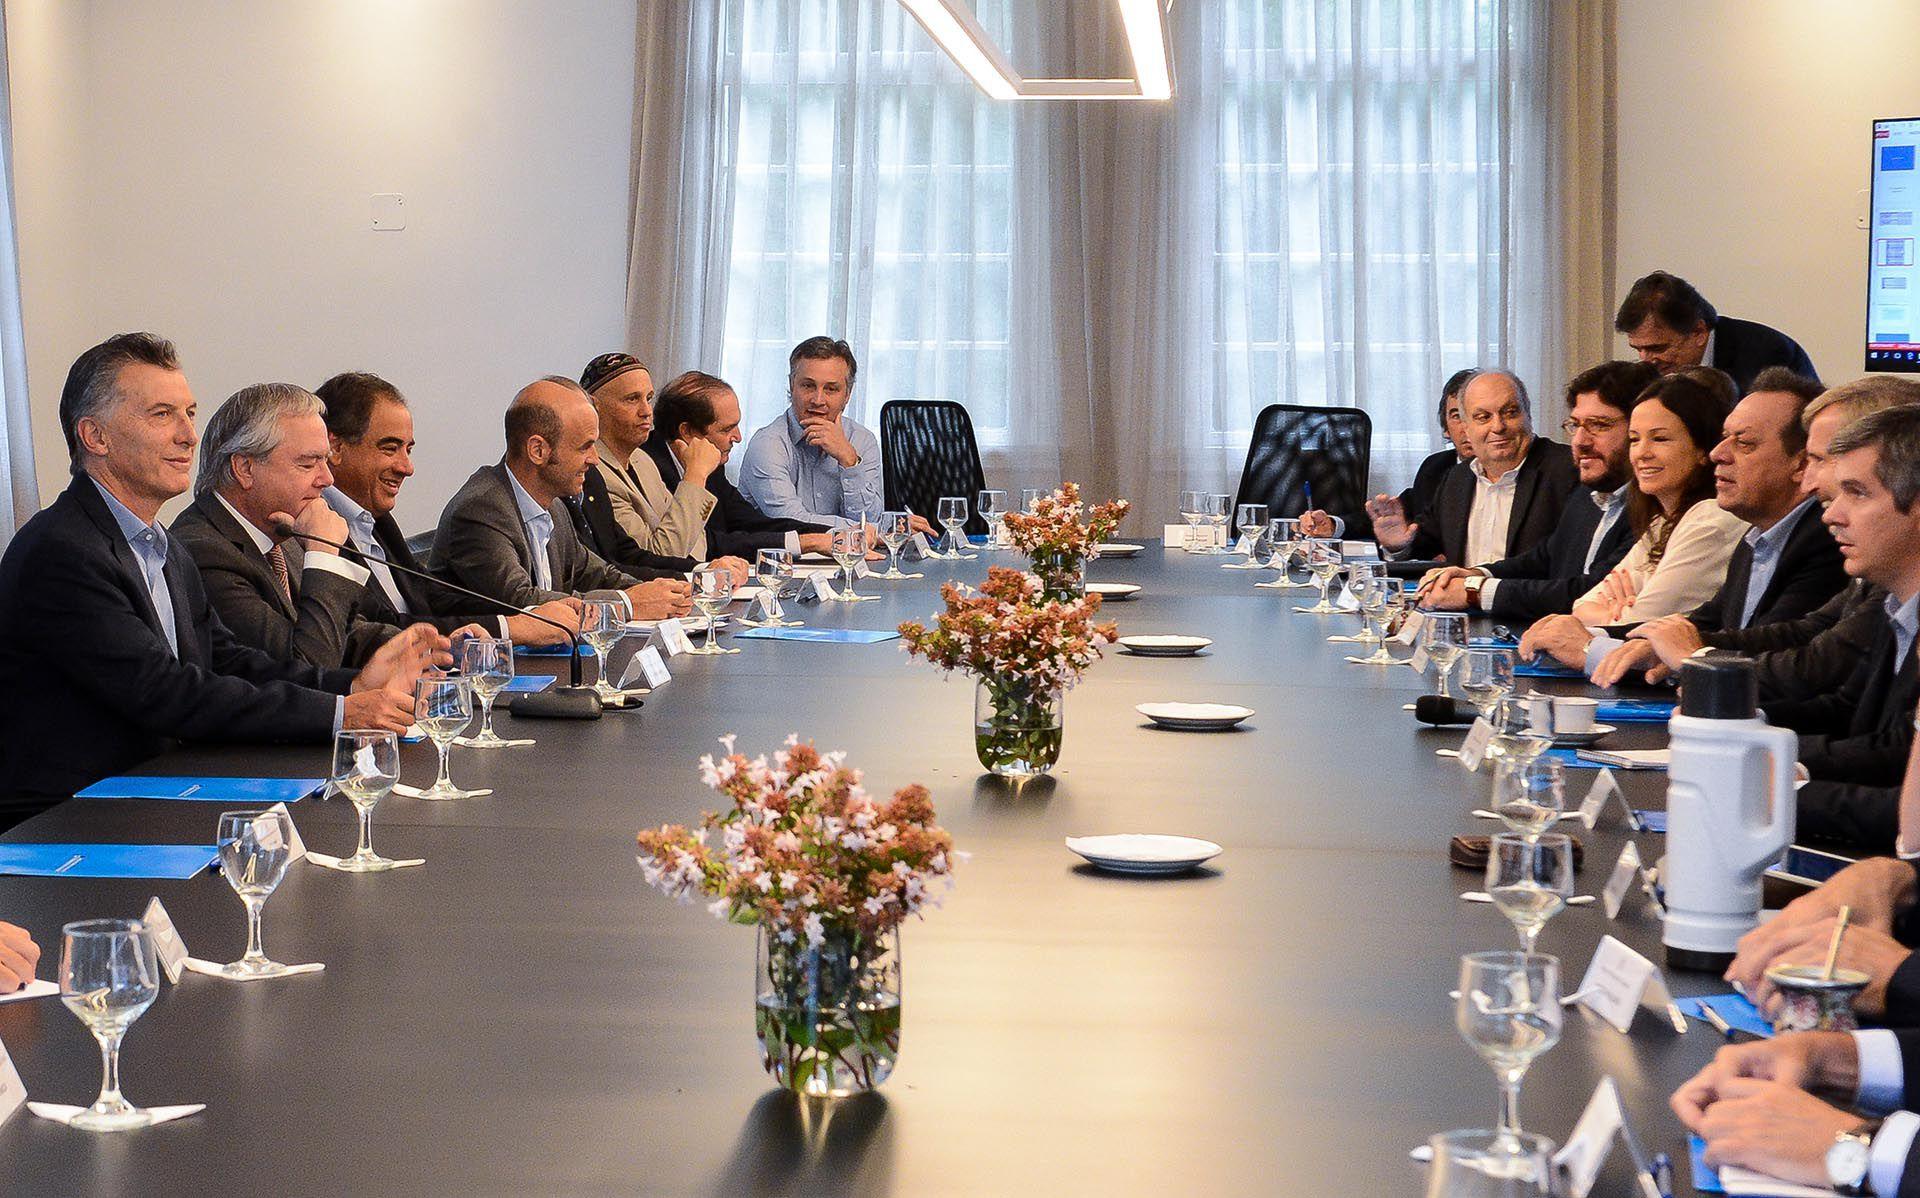 Una reunión de gabinete de ministros realizada el 14 de febrero de 2017 en la quinta presidencial de Olivos